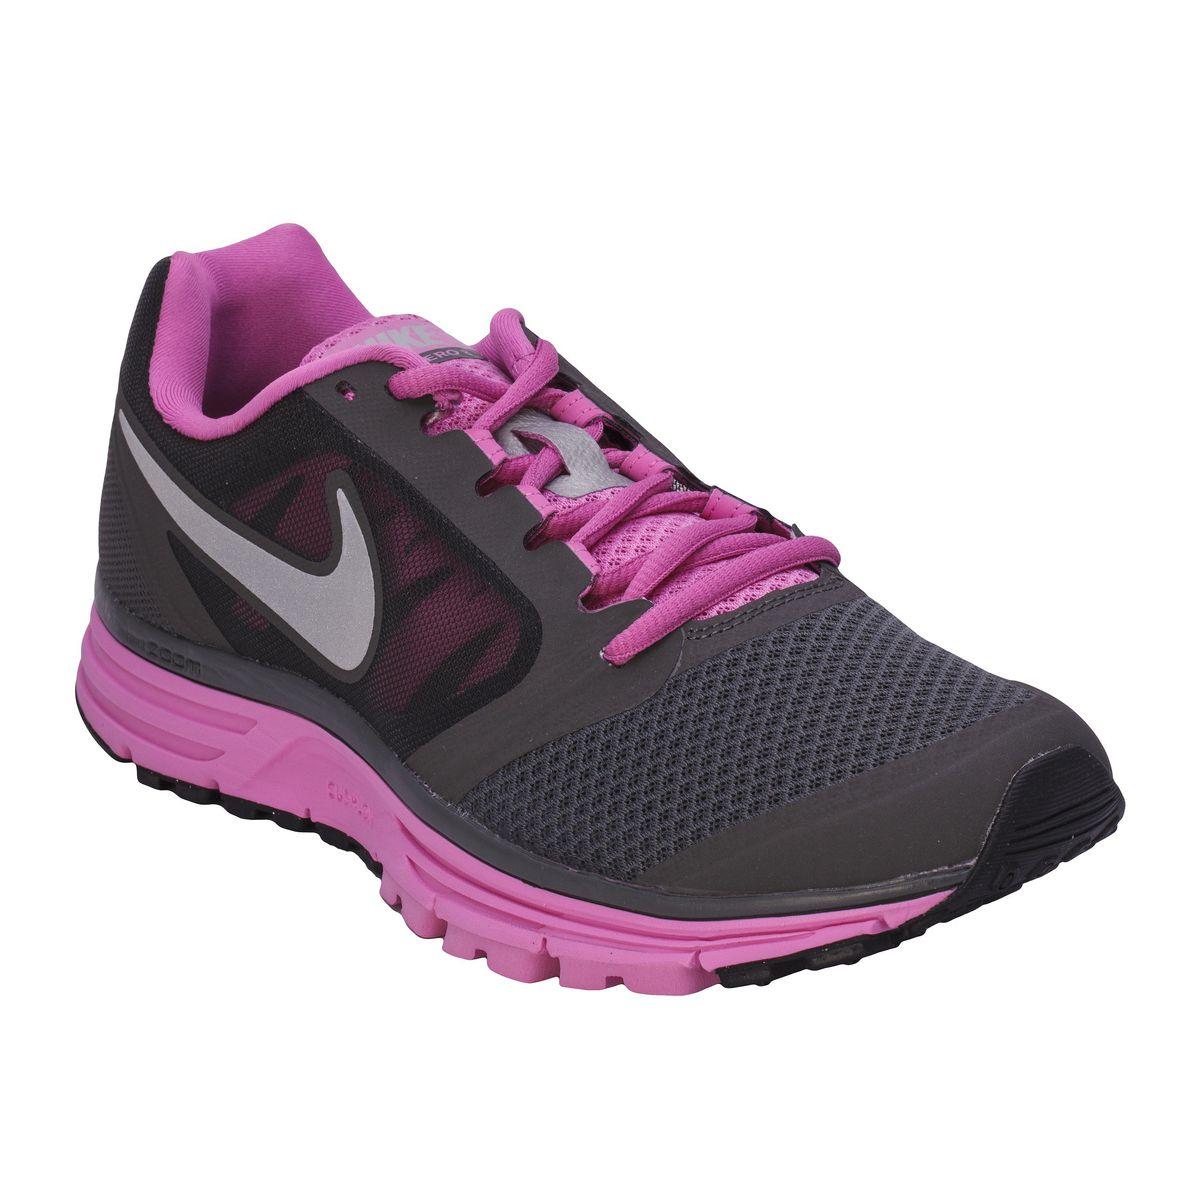 Womens Nike Zoom Vomero+ 8 Running Shoe